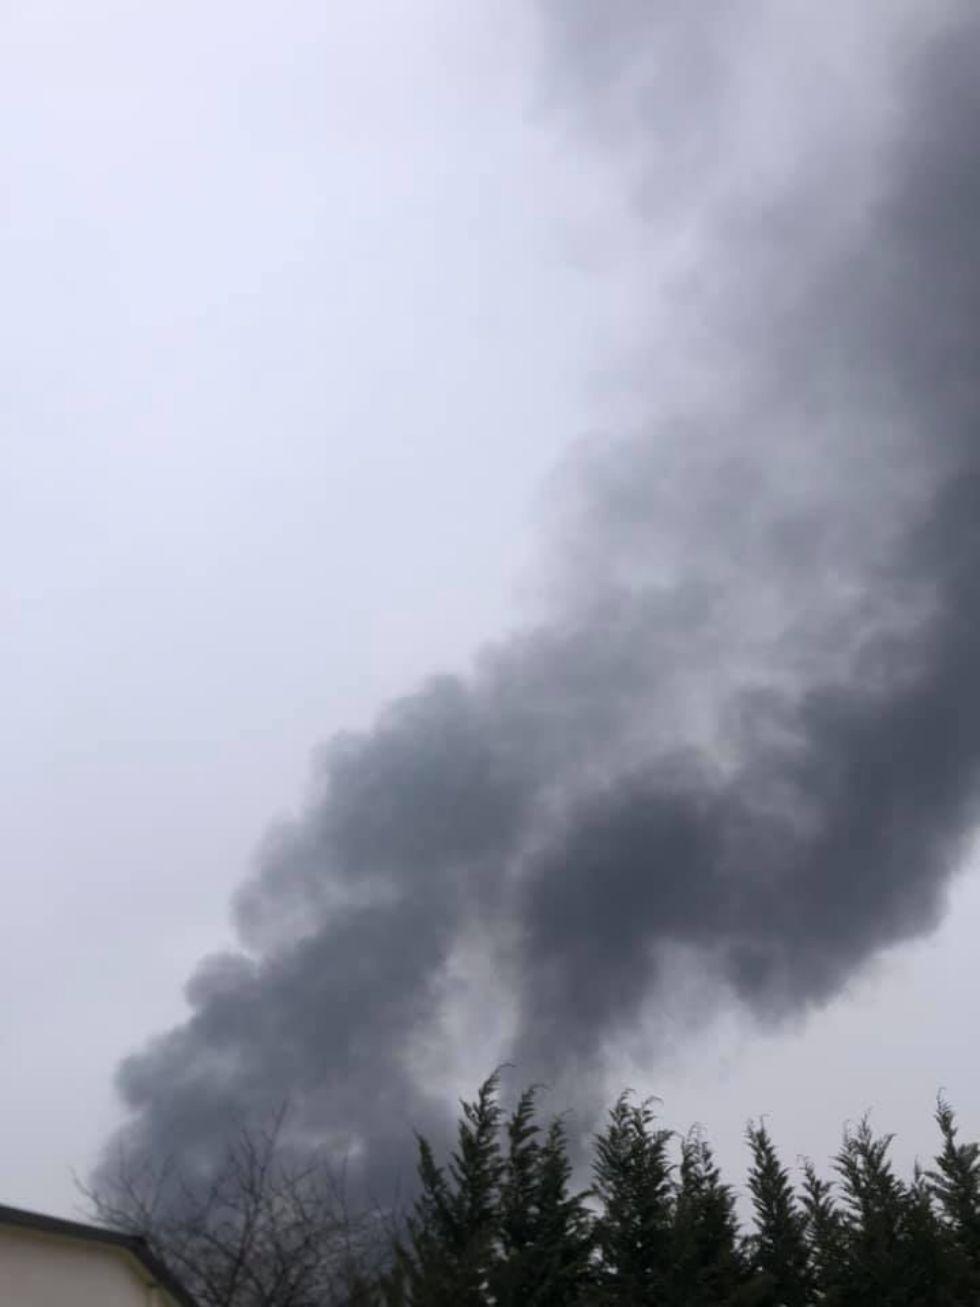 RIVALTA - Incendio nella mattinata all'interno dello stabilimento ex Fiat